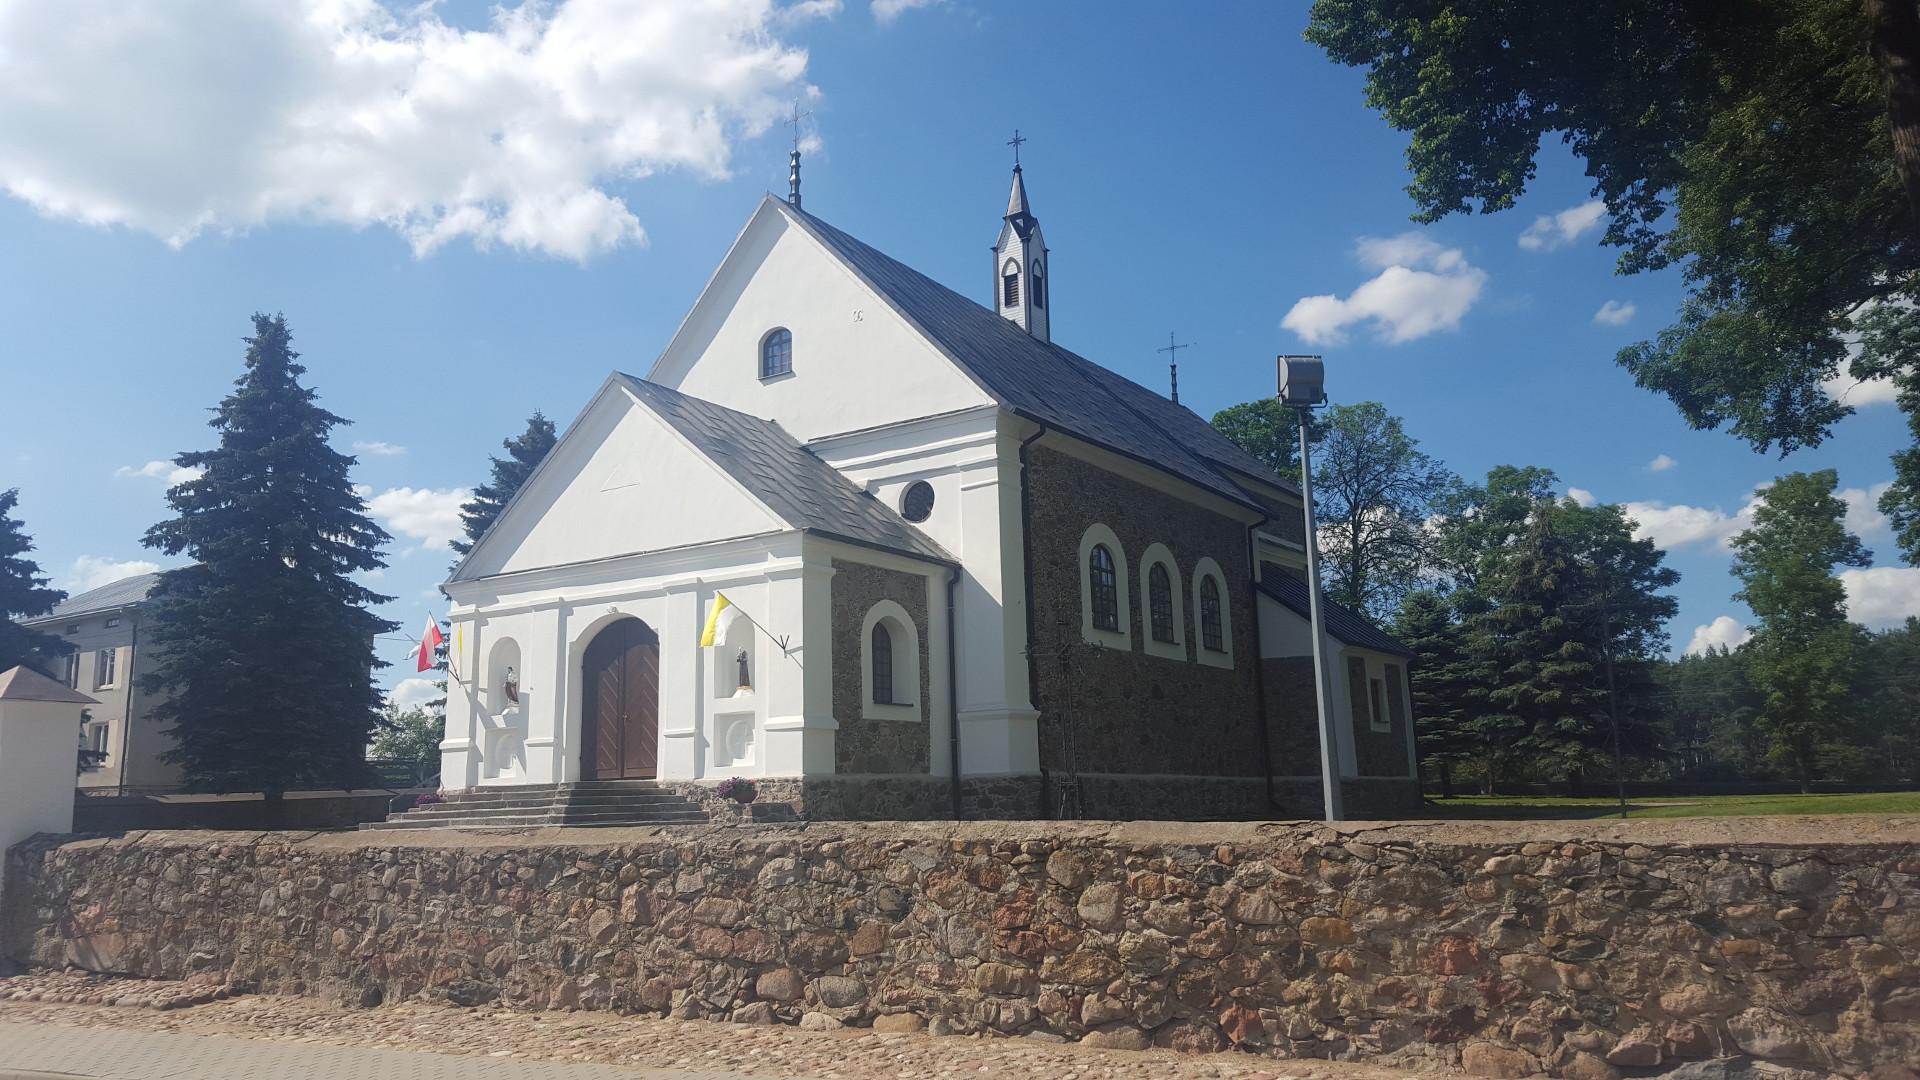 Renowacja zabytkowego kościoła w parafii pod wezwaniem św. Jana Chrzciciela w Brzozowej - 1